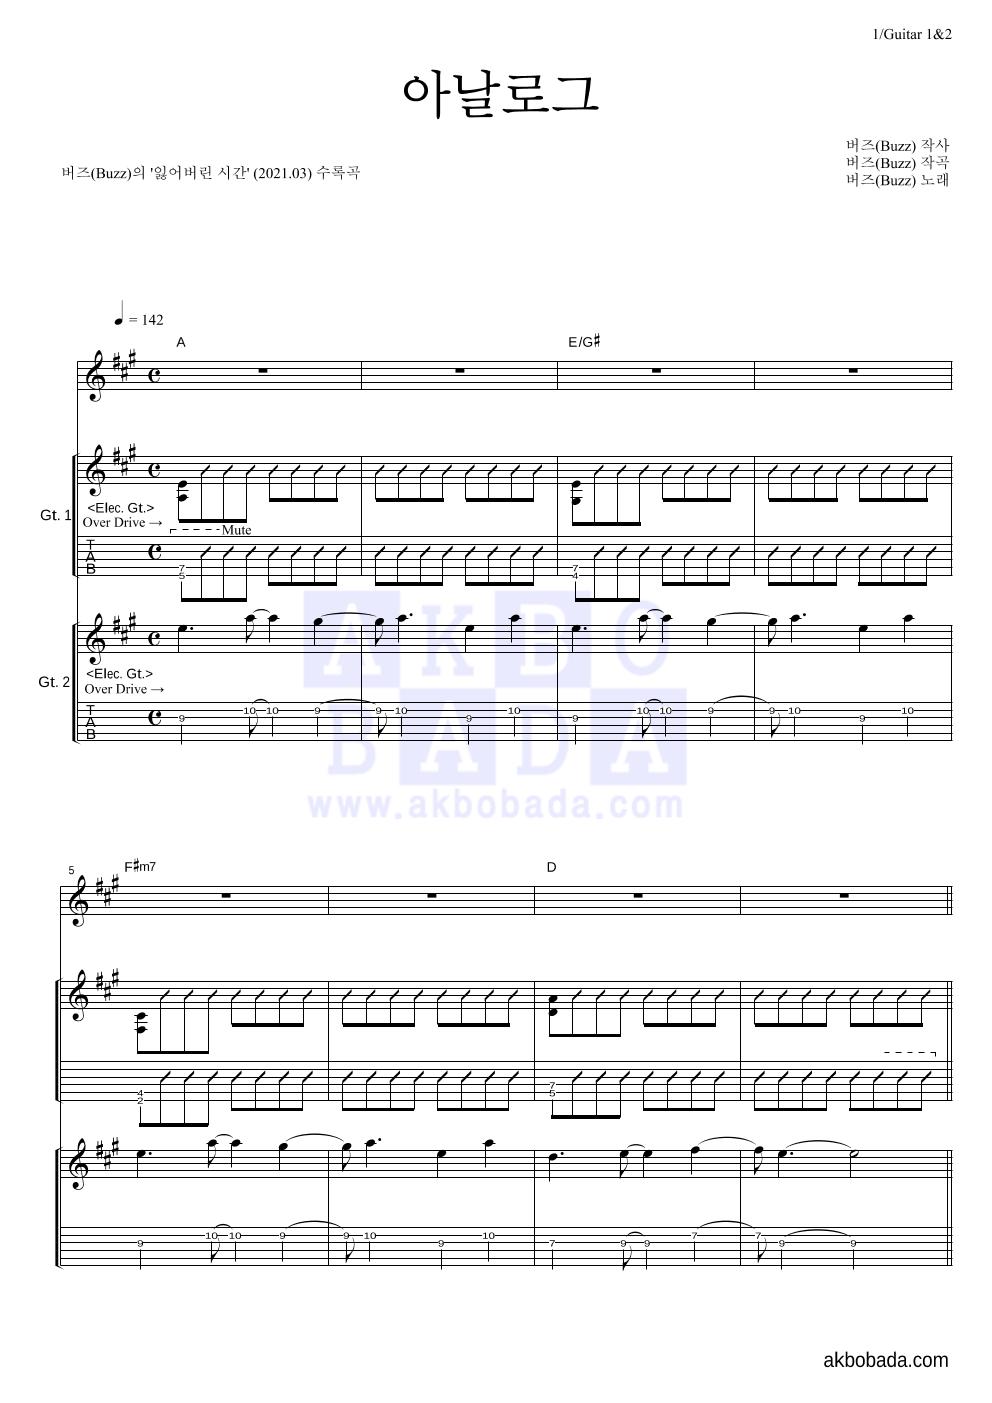 버즈(Buzz) - 아날로그 기타1,2 악보